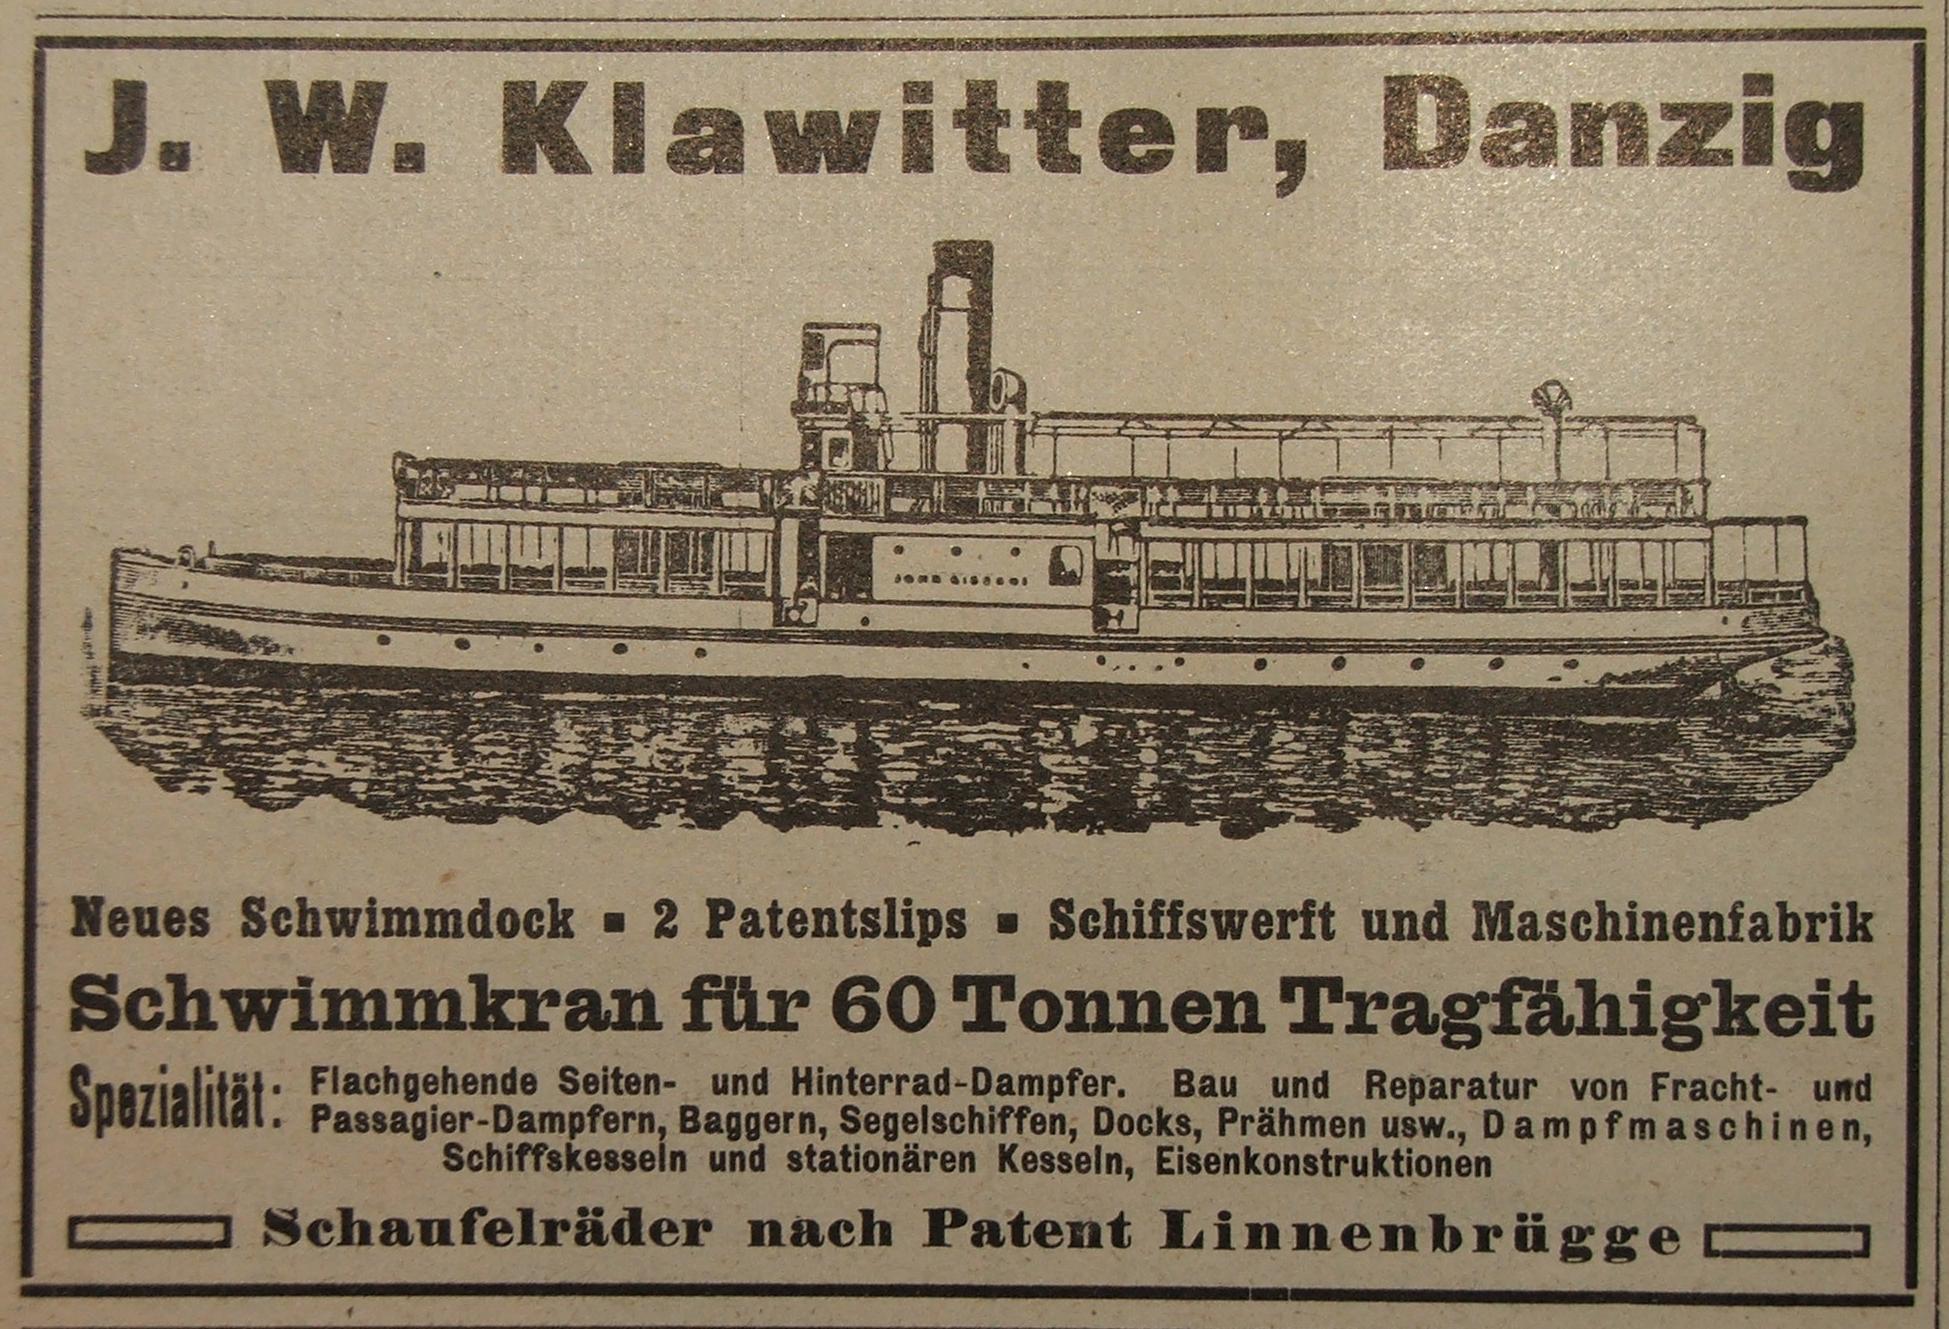 File:Werbeanzeige J.W.Klawitter Werft 1913.jpg - Wikimedia Commons